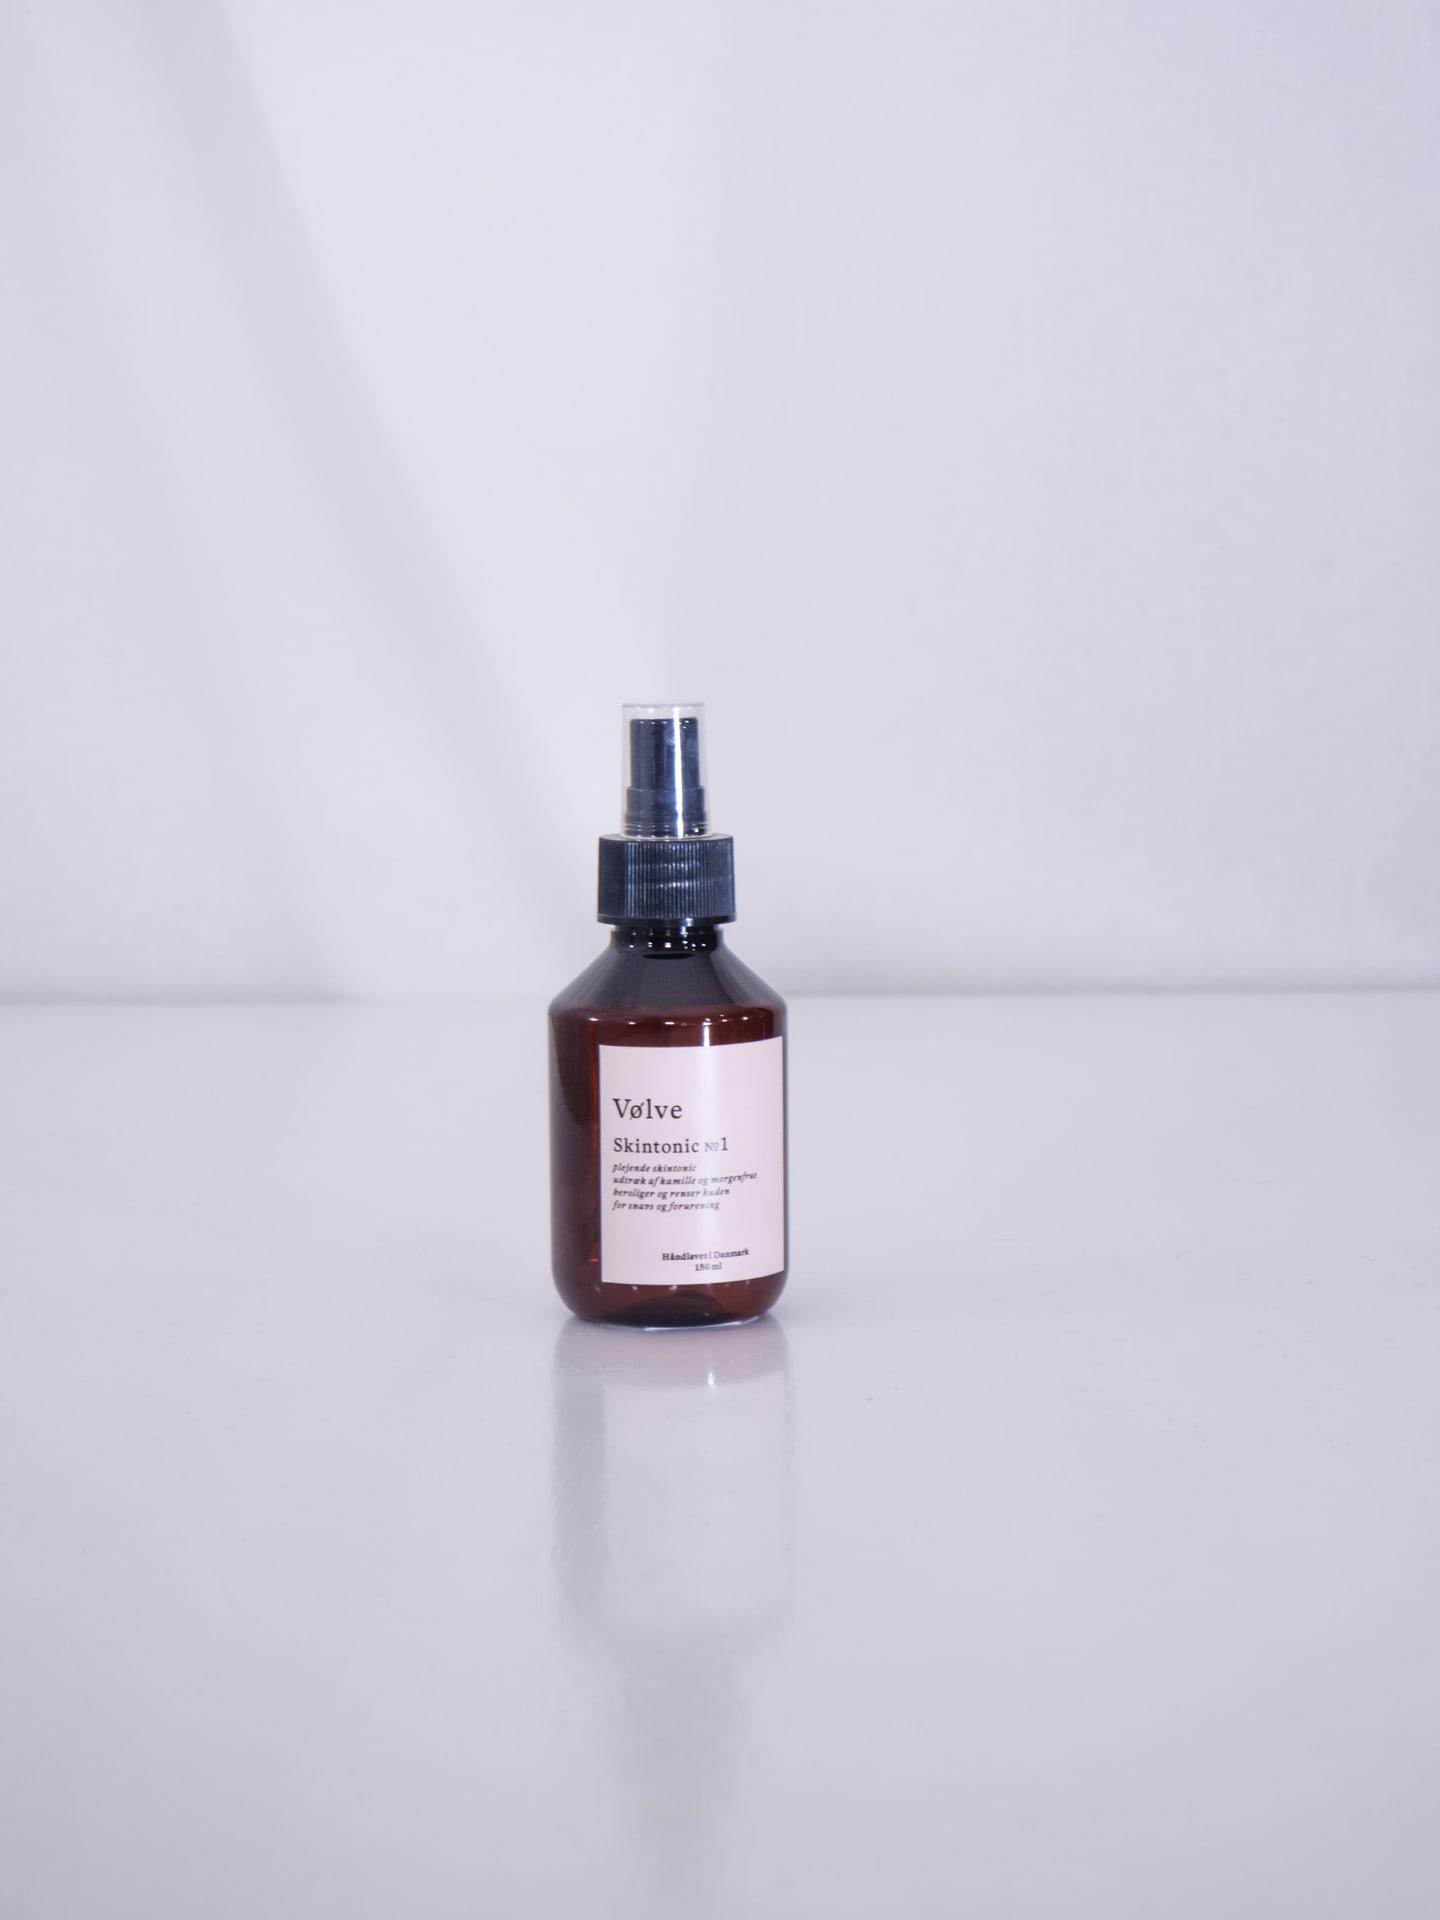 Skin tonic no.1